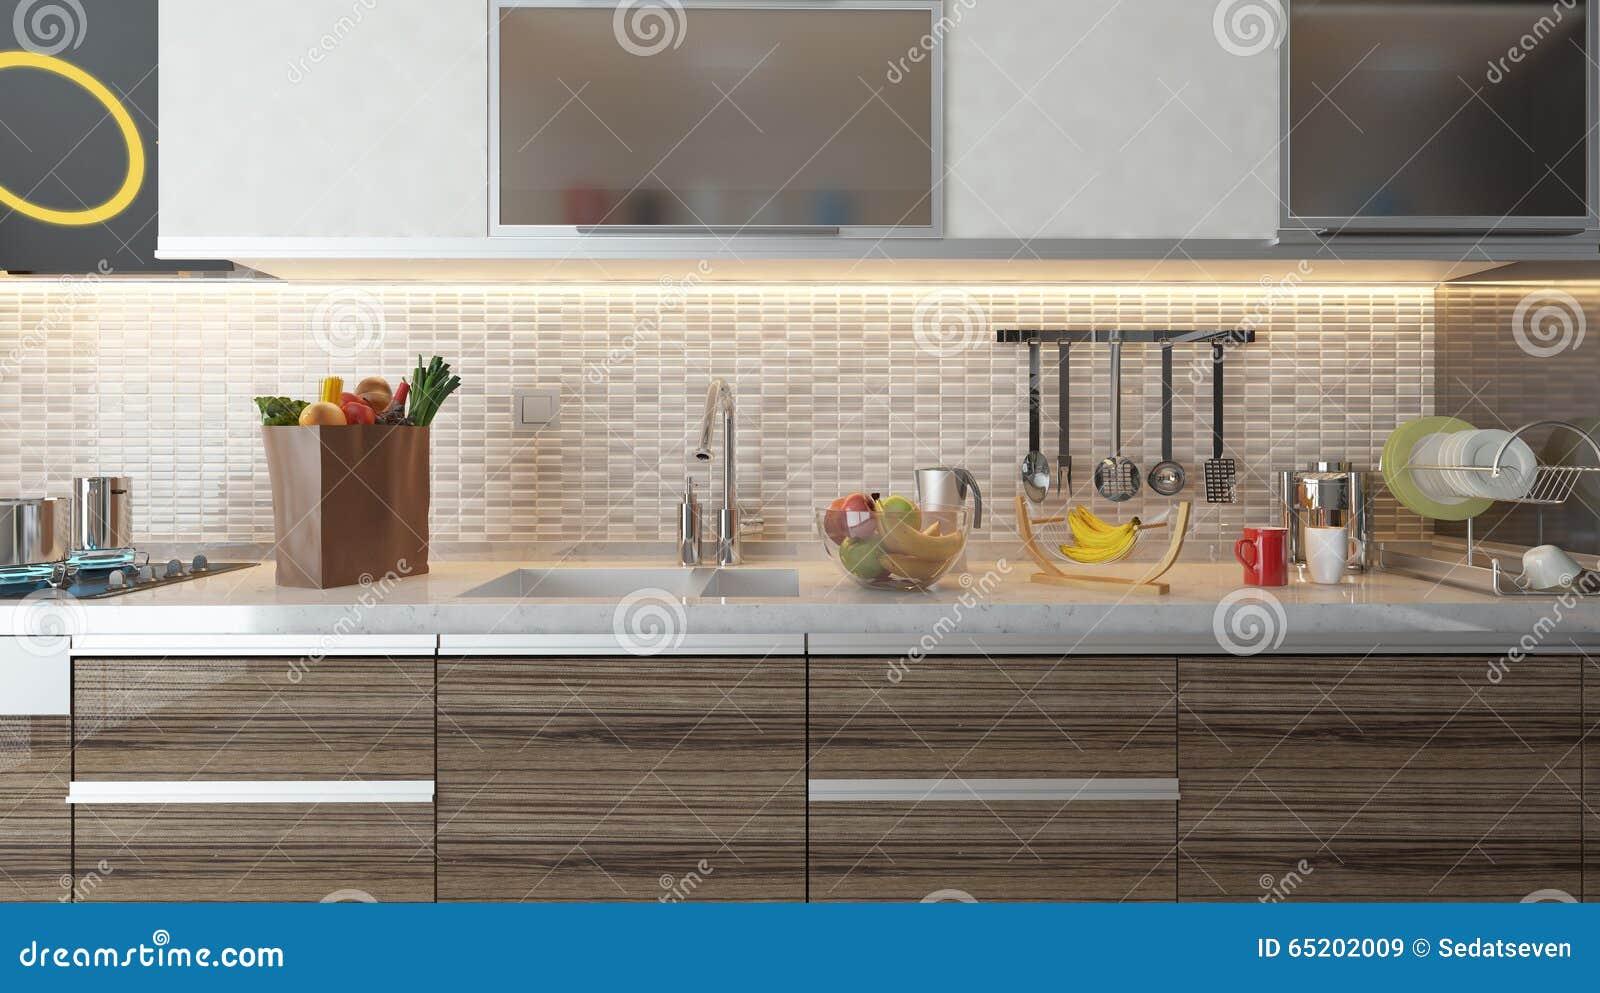 Pareti cucina bianca cheap colori pareti cucina classica colore